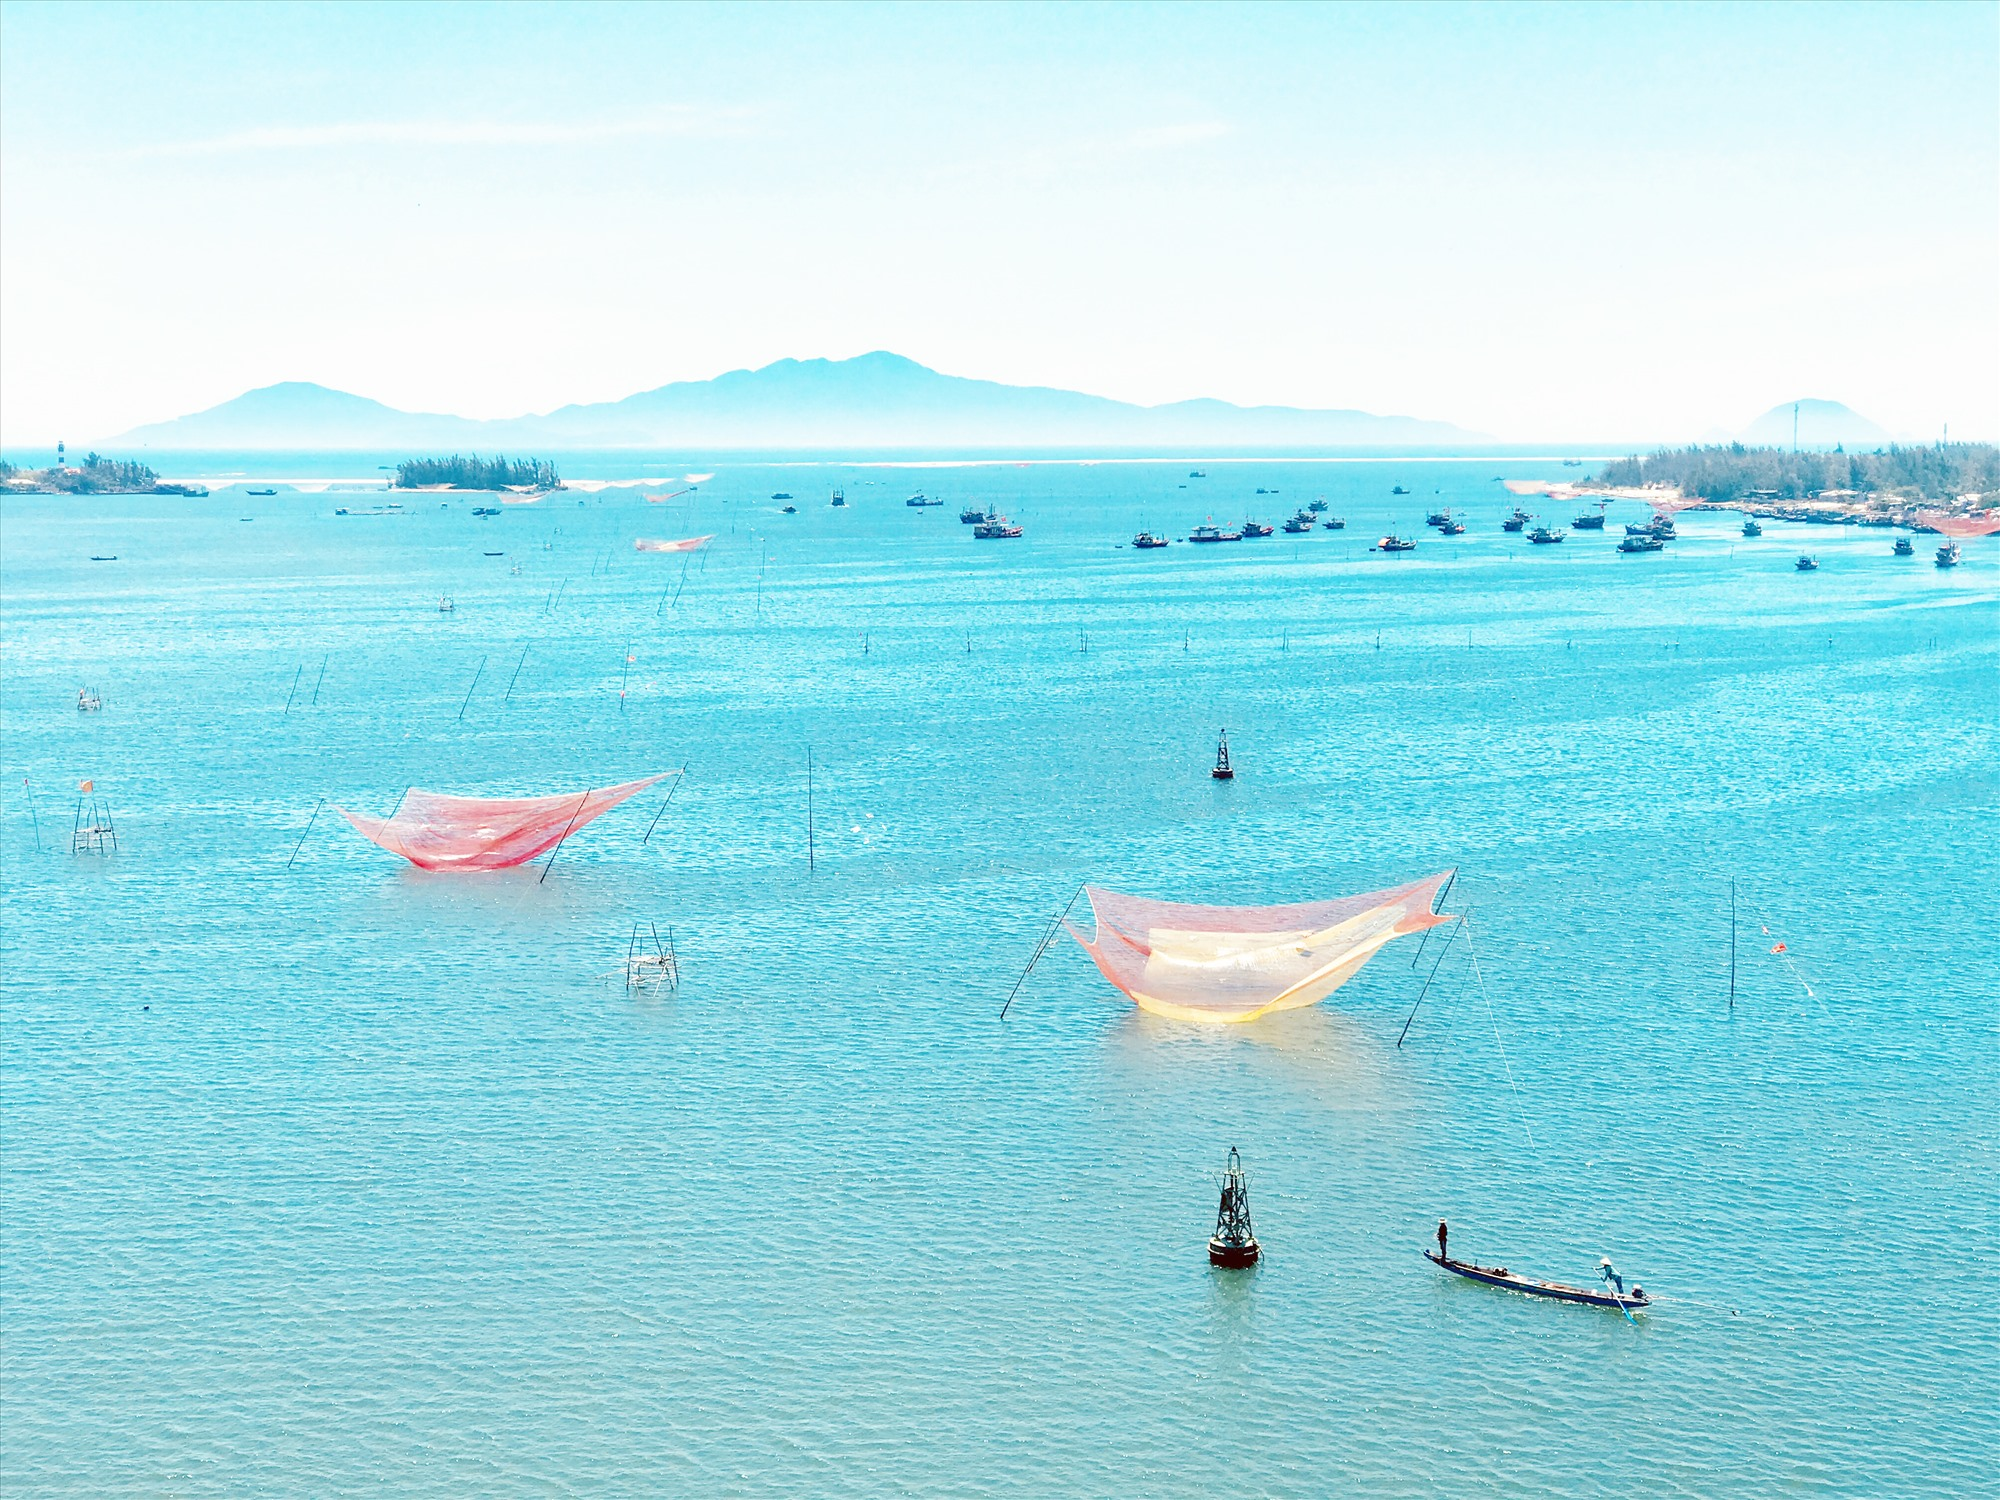 Sông Thu Bồn đổ ra Cửa Đại. Ảnh: Quốc Tuấn